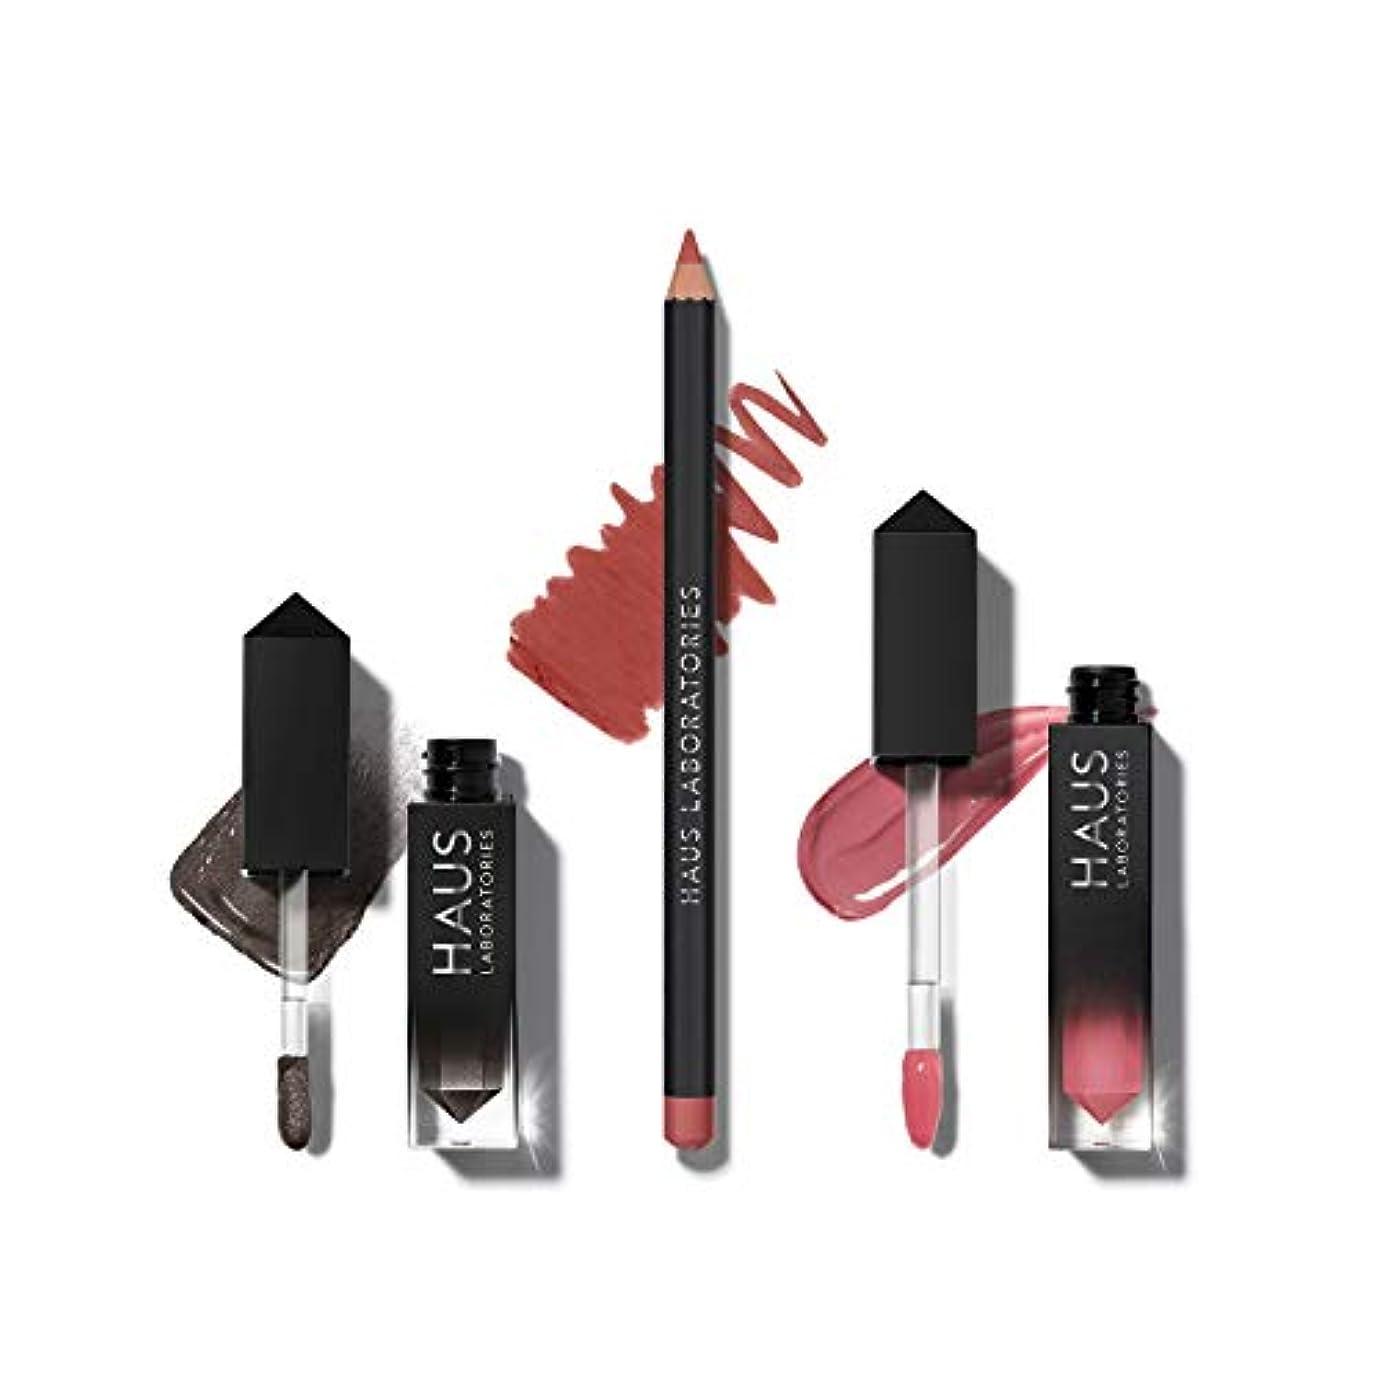 土曜日活力暗殺者HAUS LABORATORIES HAUS of Collections 3点セット All-Over Color, Lip Gloss, Lip Liner (HAUS of Metalhead)